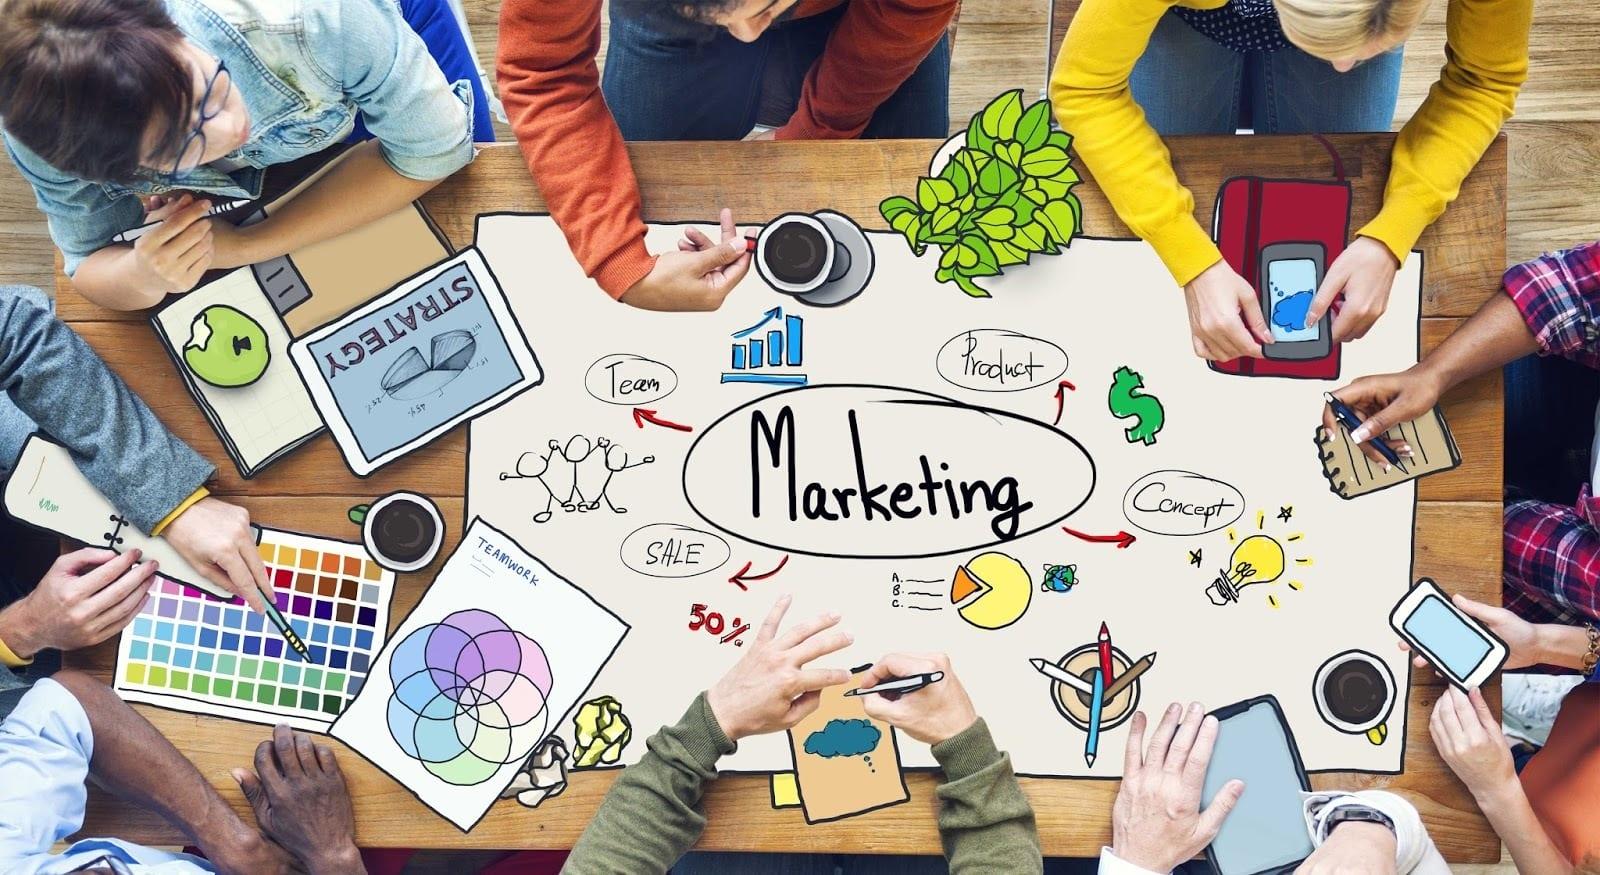 كيف أبدأ التسويق الإلكتروني كفرد